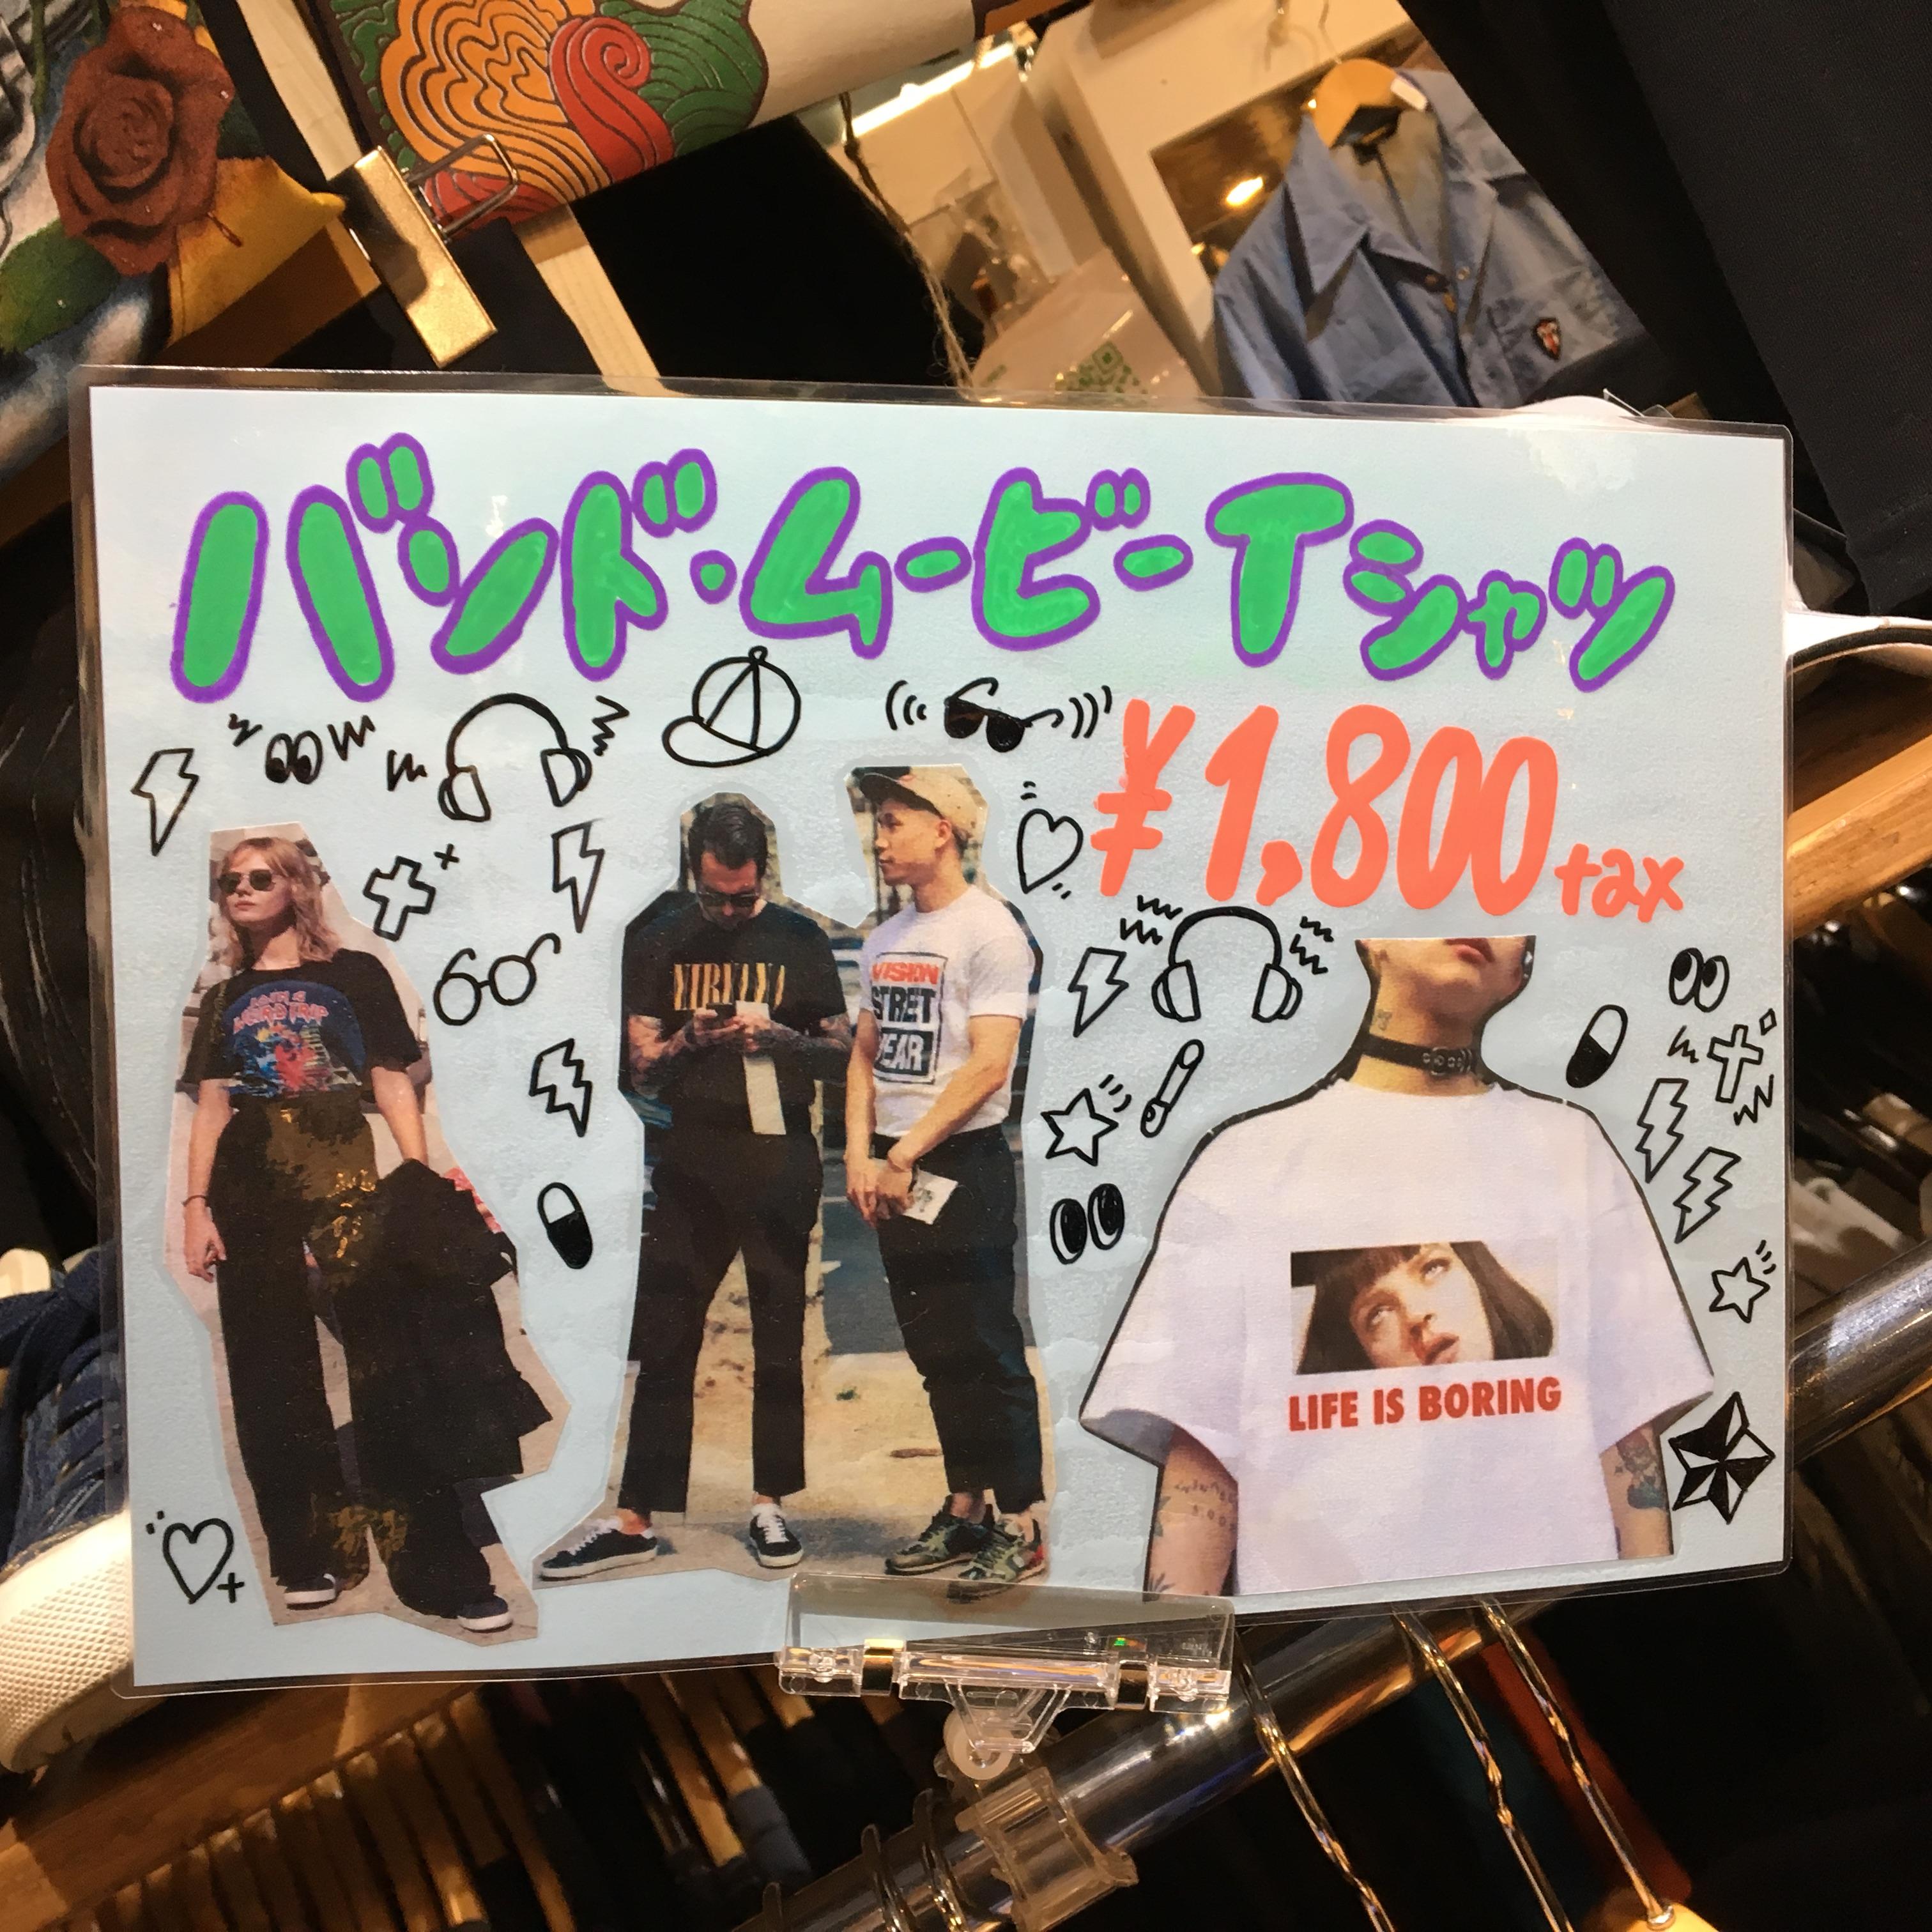 バンド・ムービーTシャツ1800円。*:゜☆ヽ(*'∀'*)/☆゜:。*。